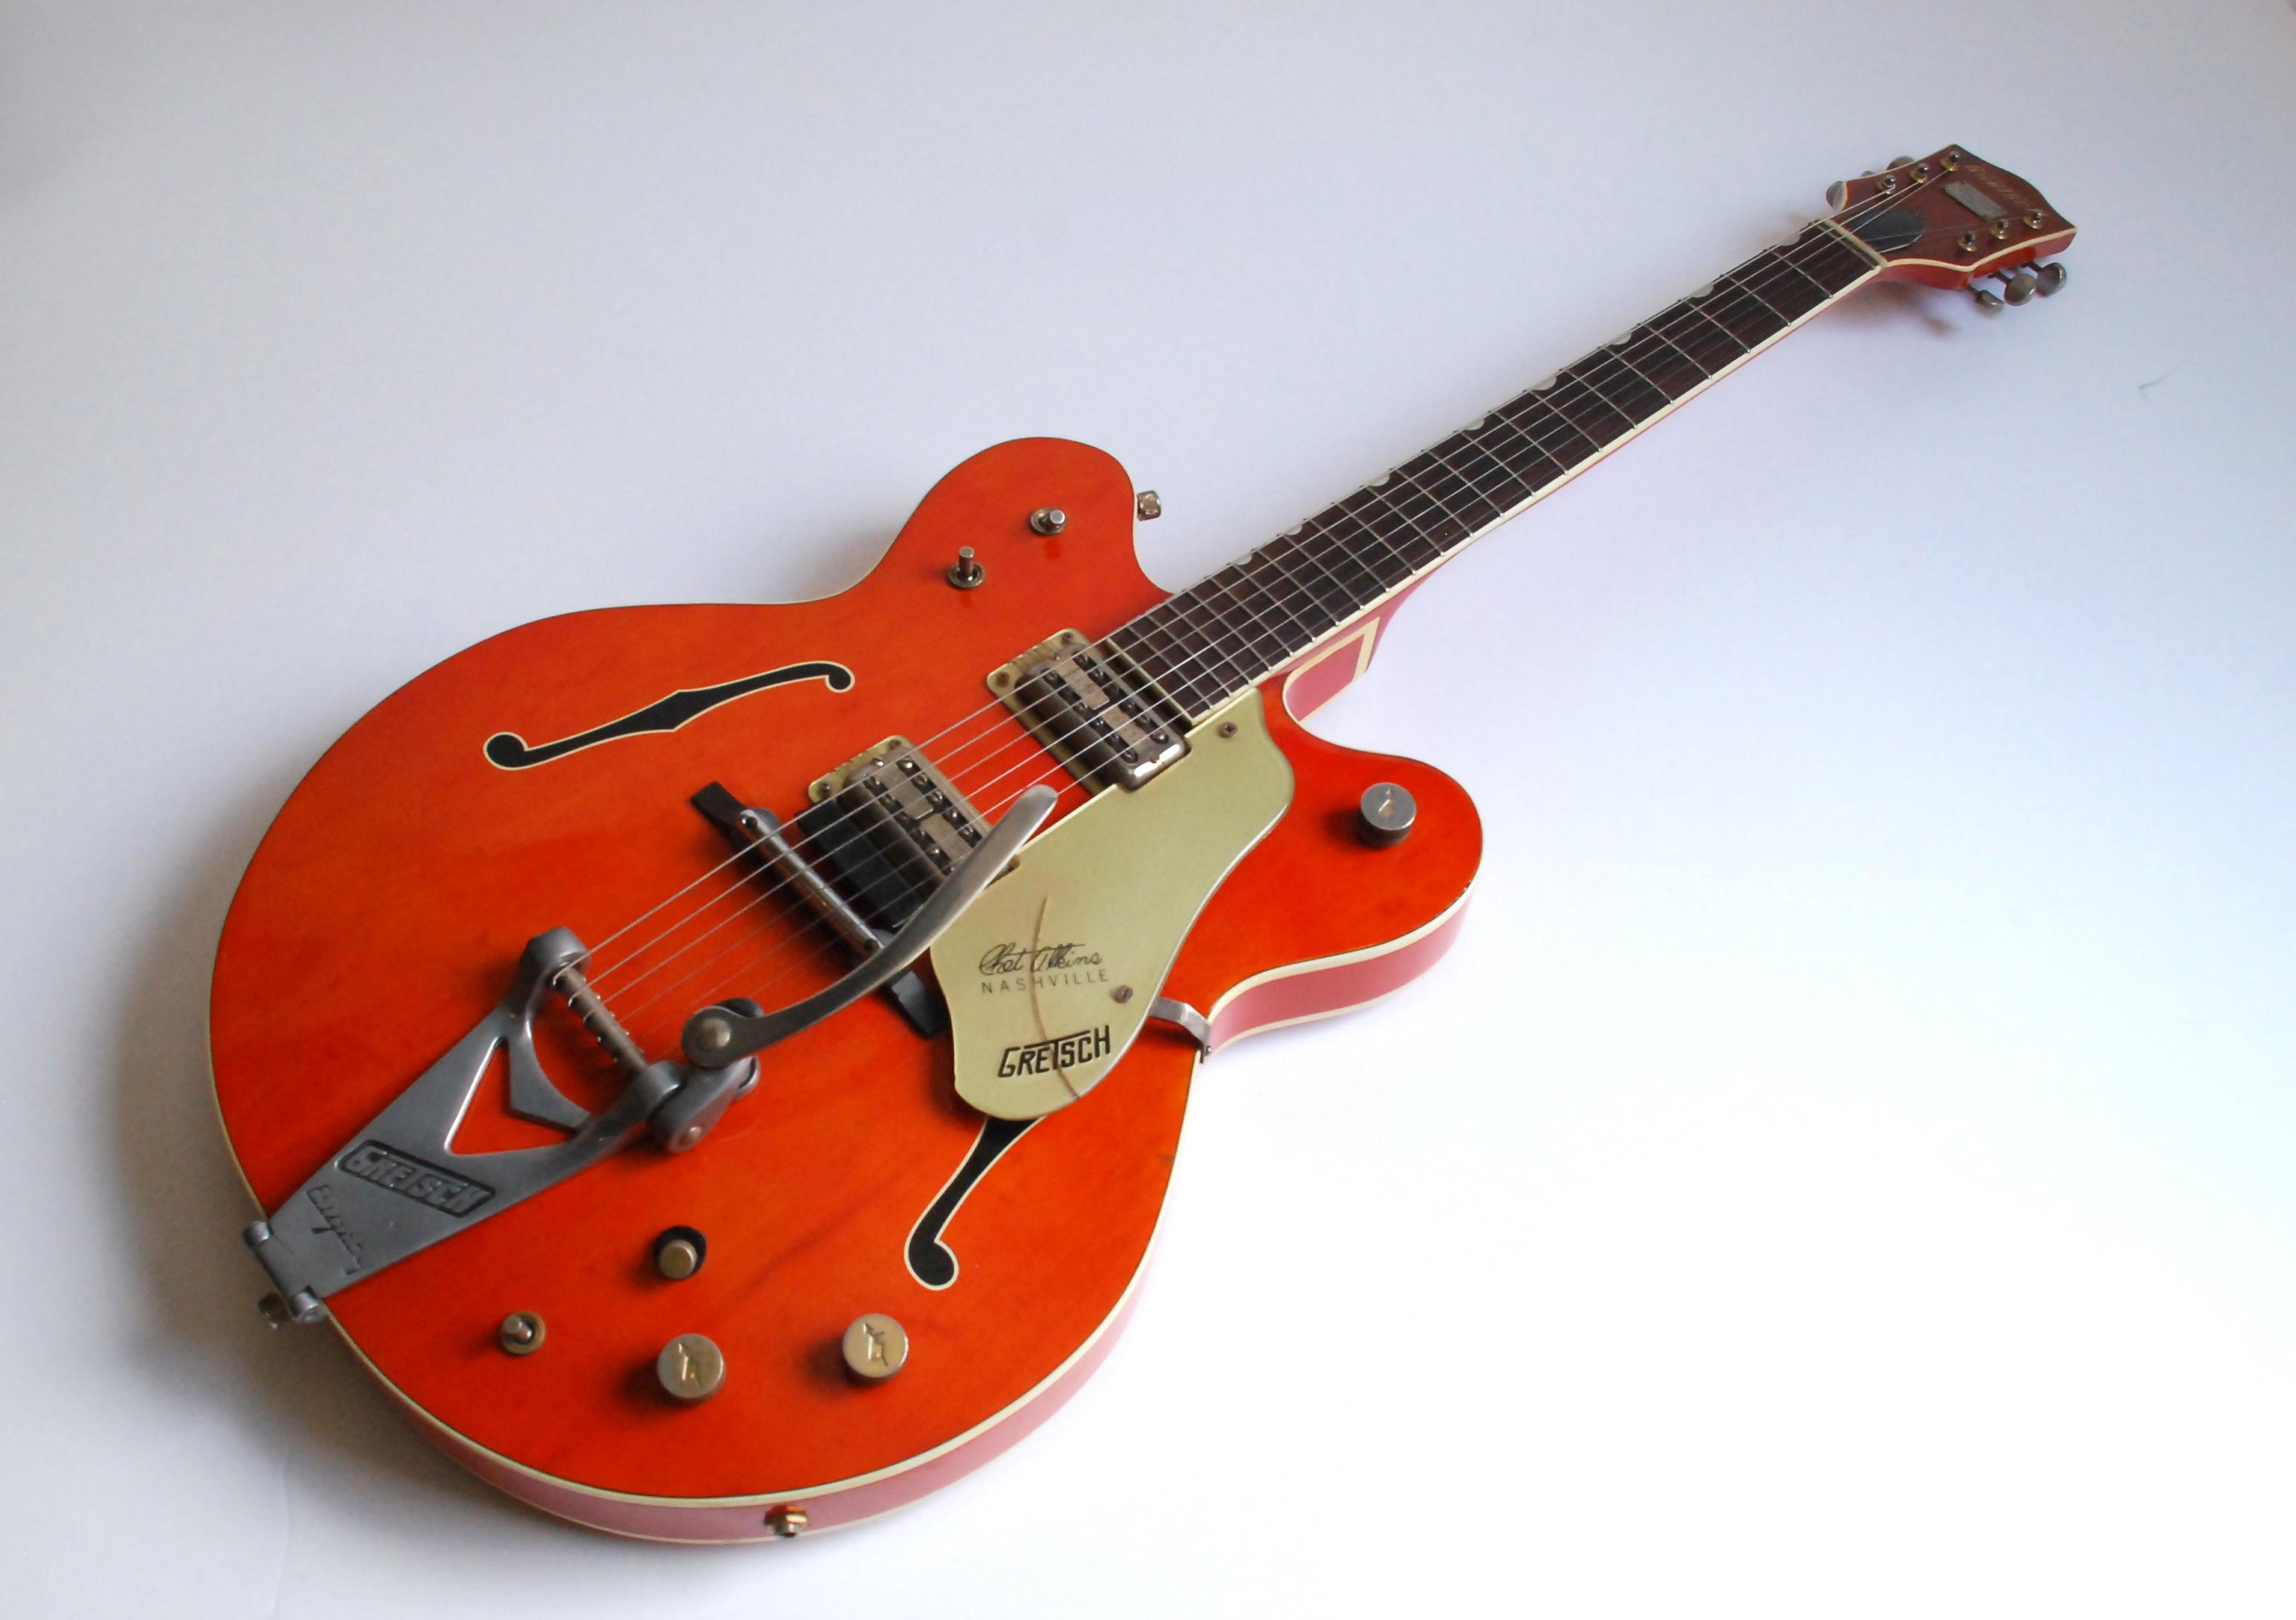 gretsch chet atkins 6120 1964 orange guitar for sale bass n guitar. Black Bedroom Furniture Sets. Home Design Ideas